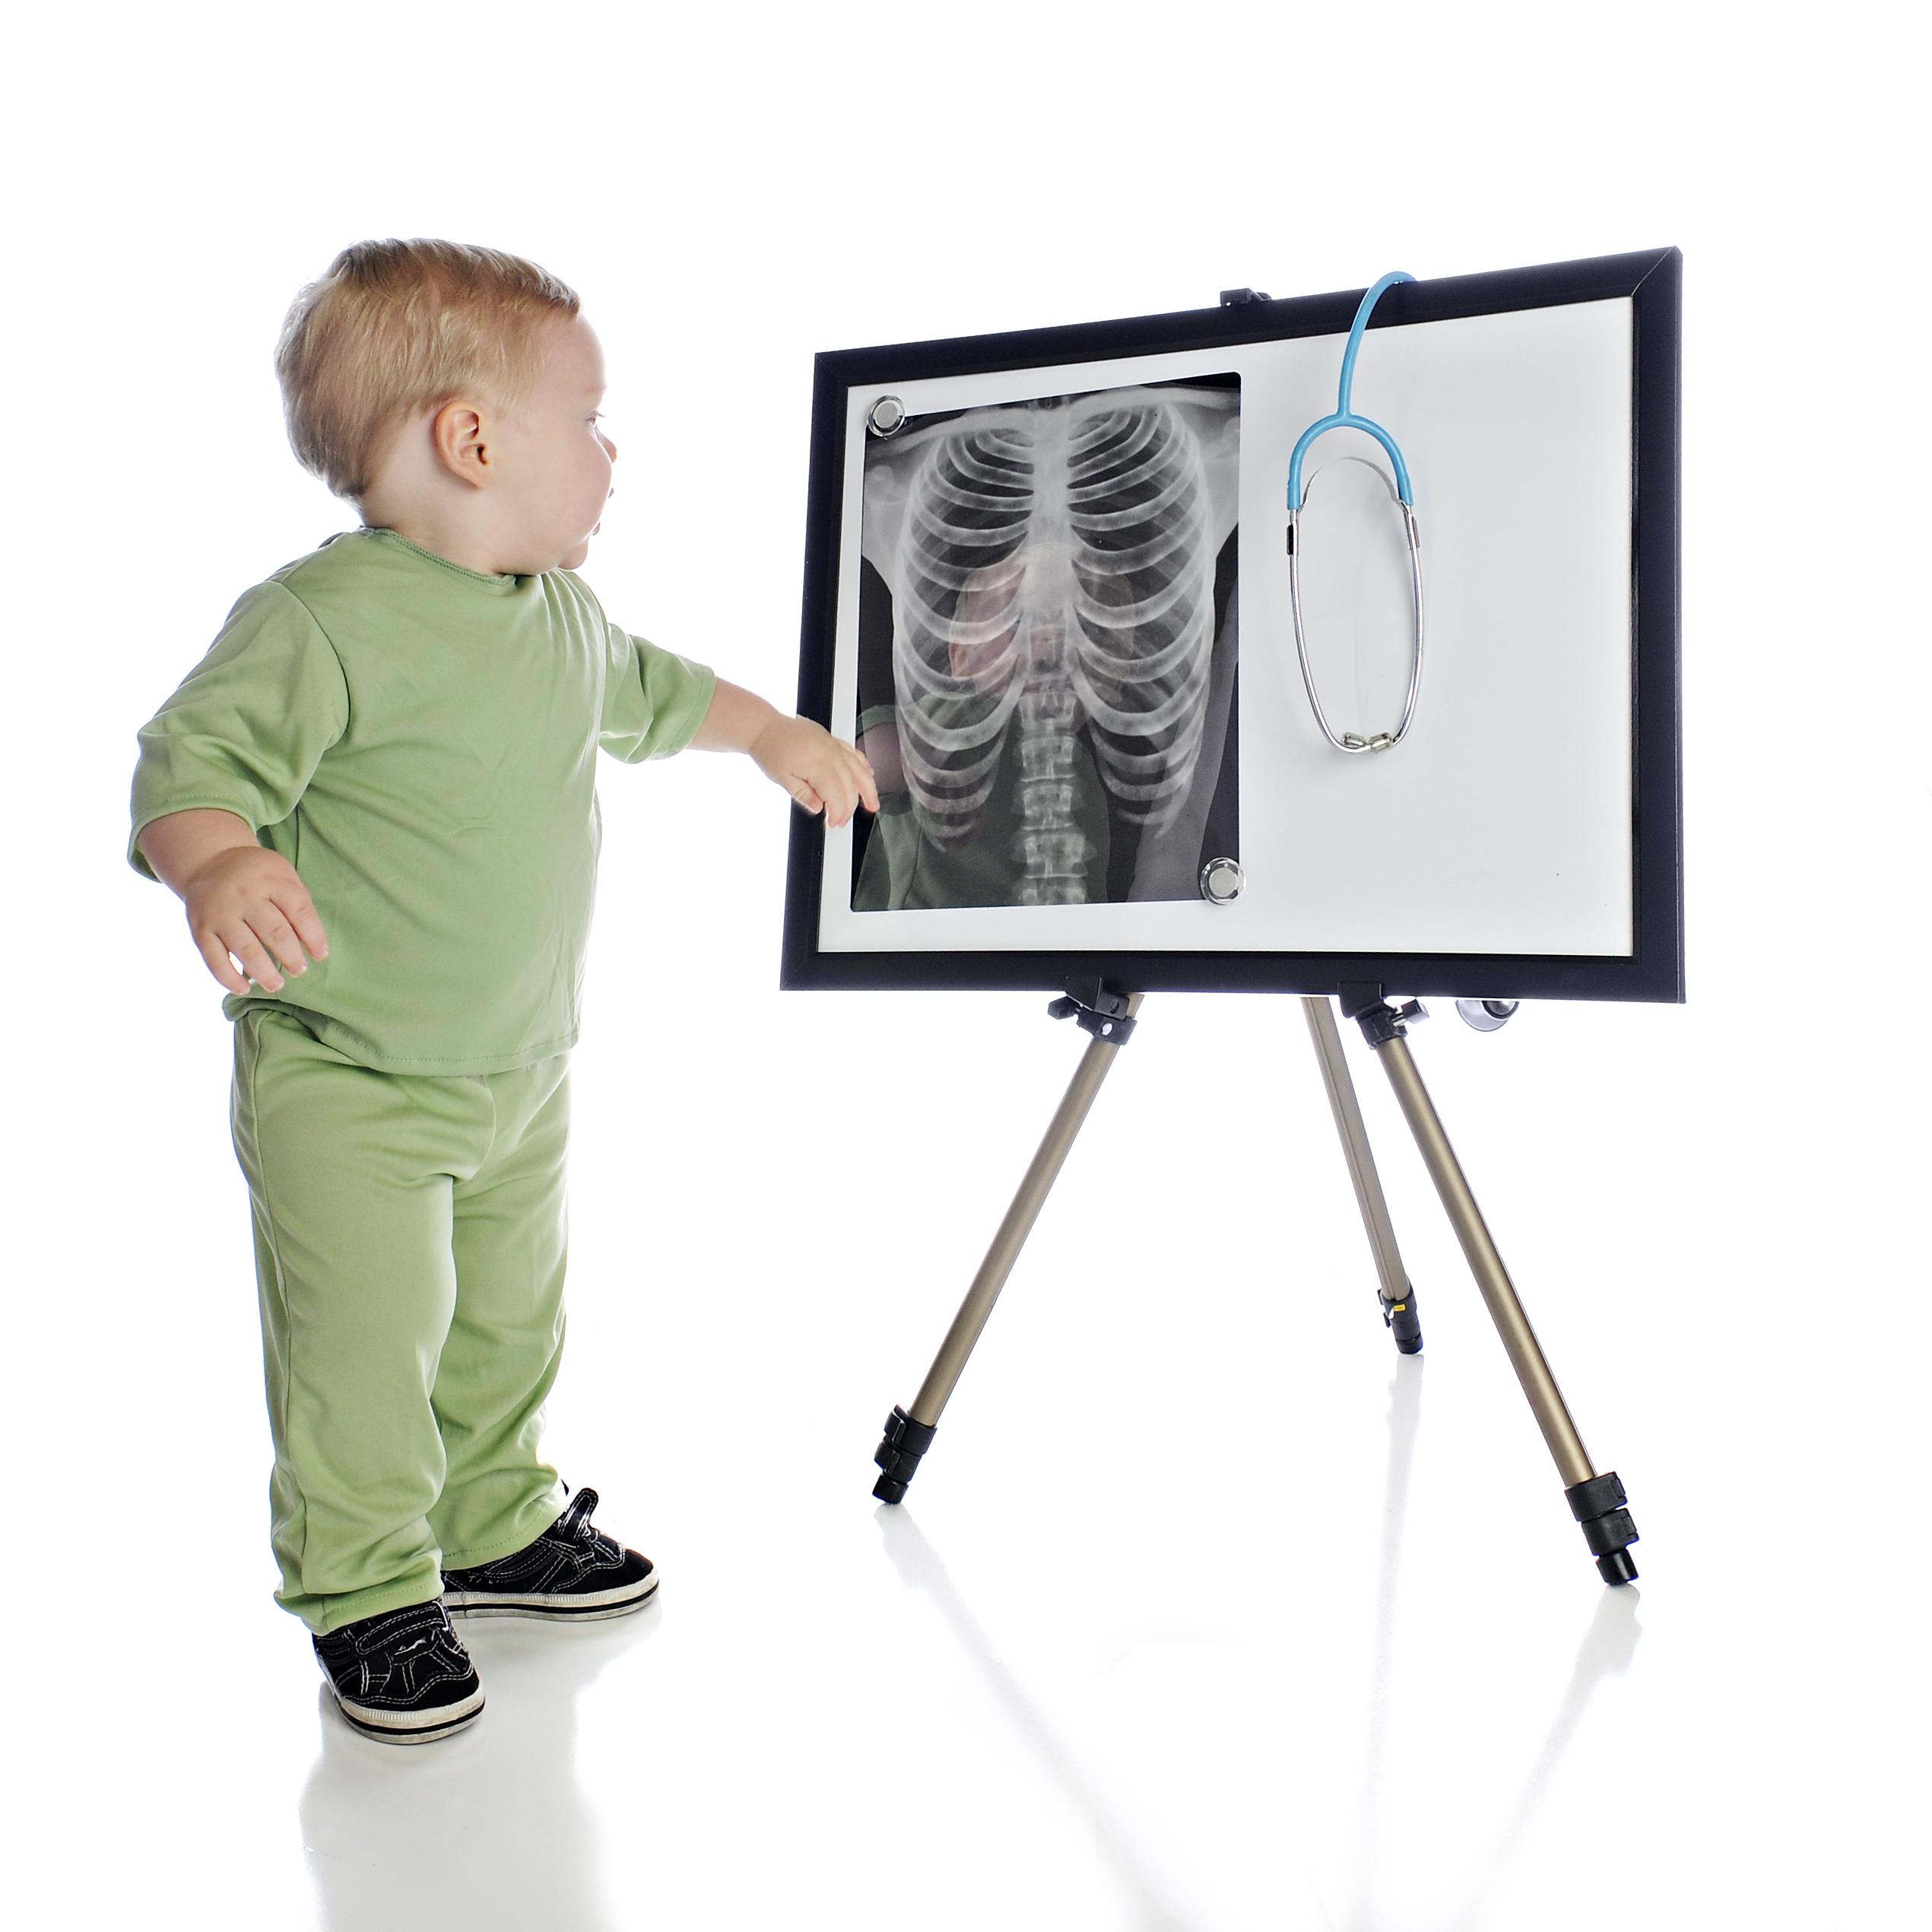 Pediatras pedem uso racional de exames por imagens em crianças